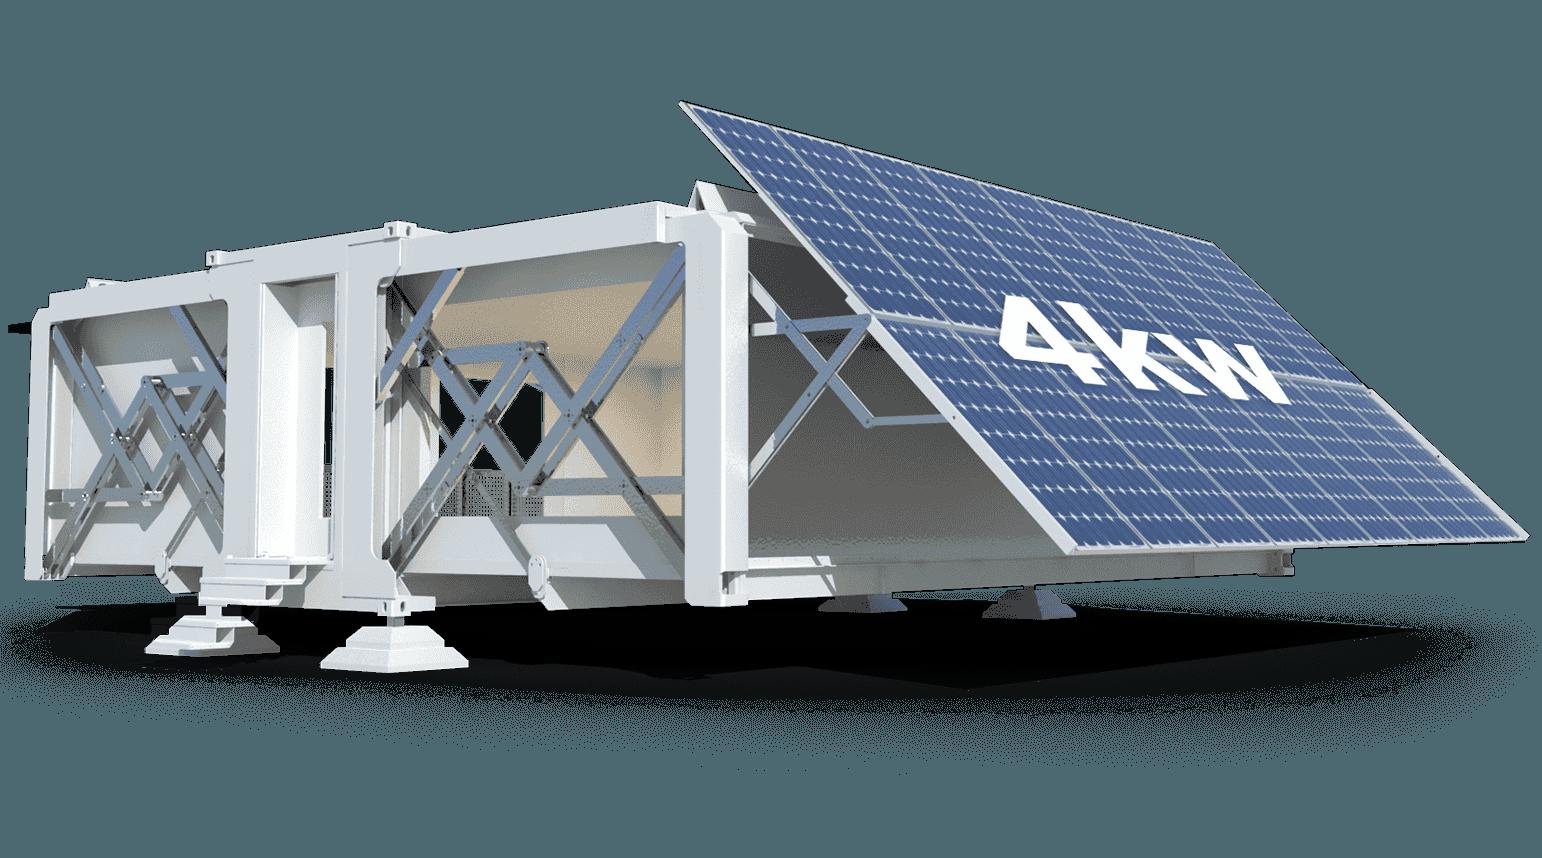 Cuenta con paneles solares